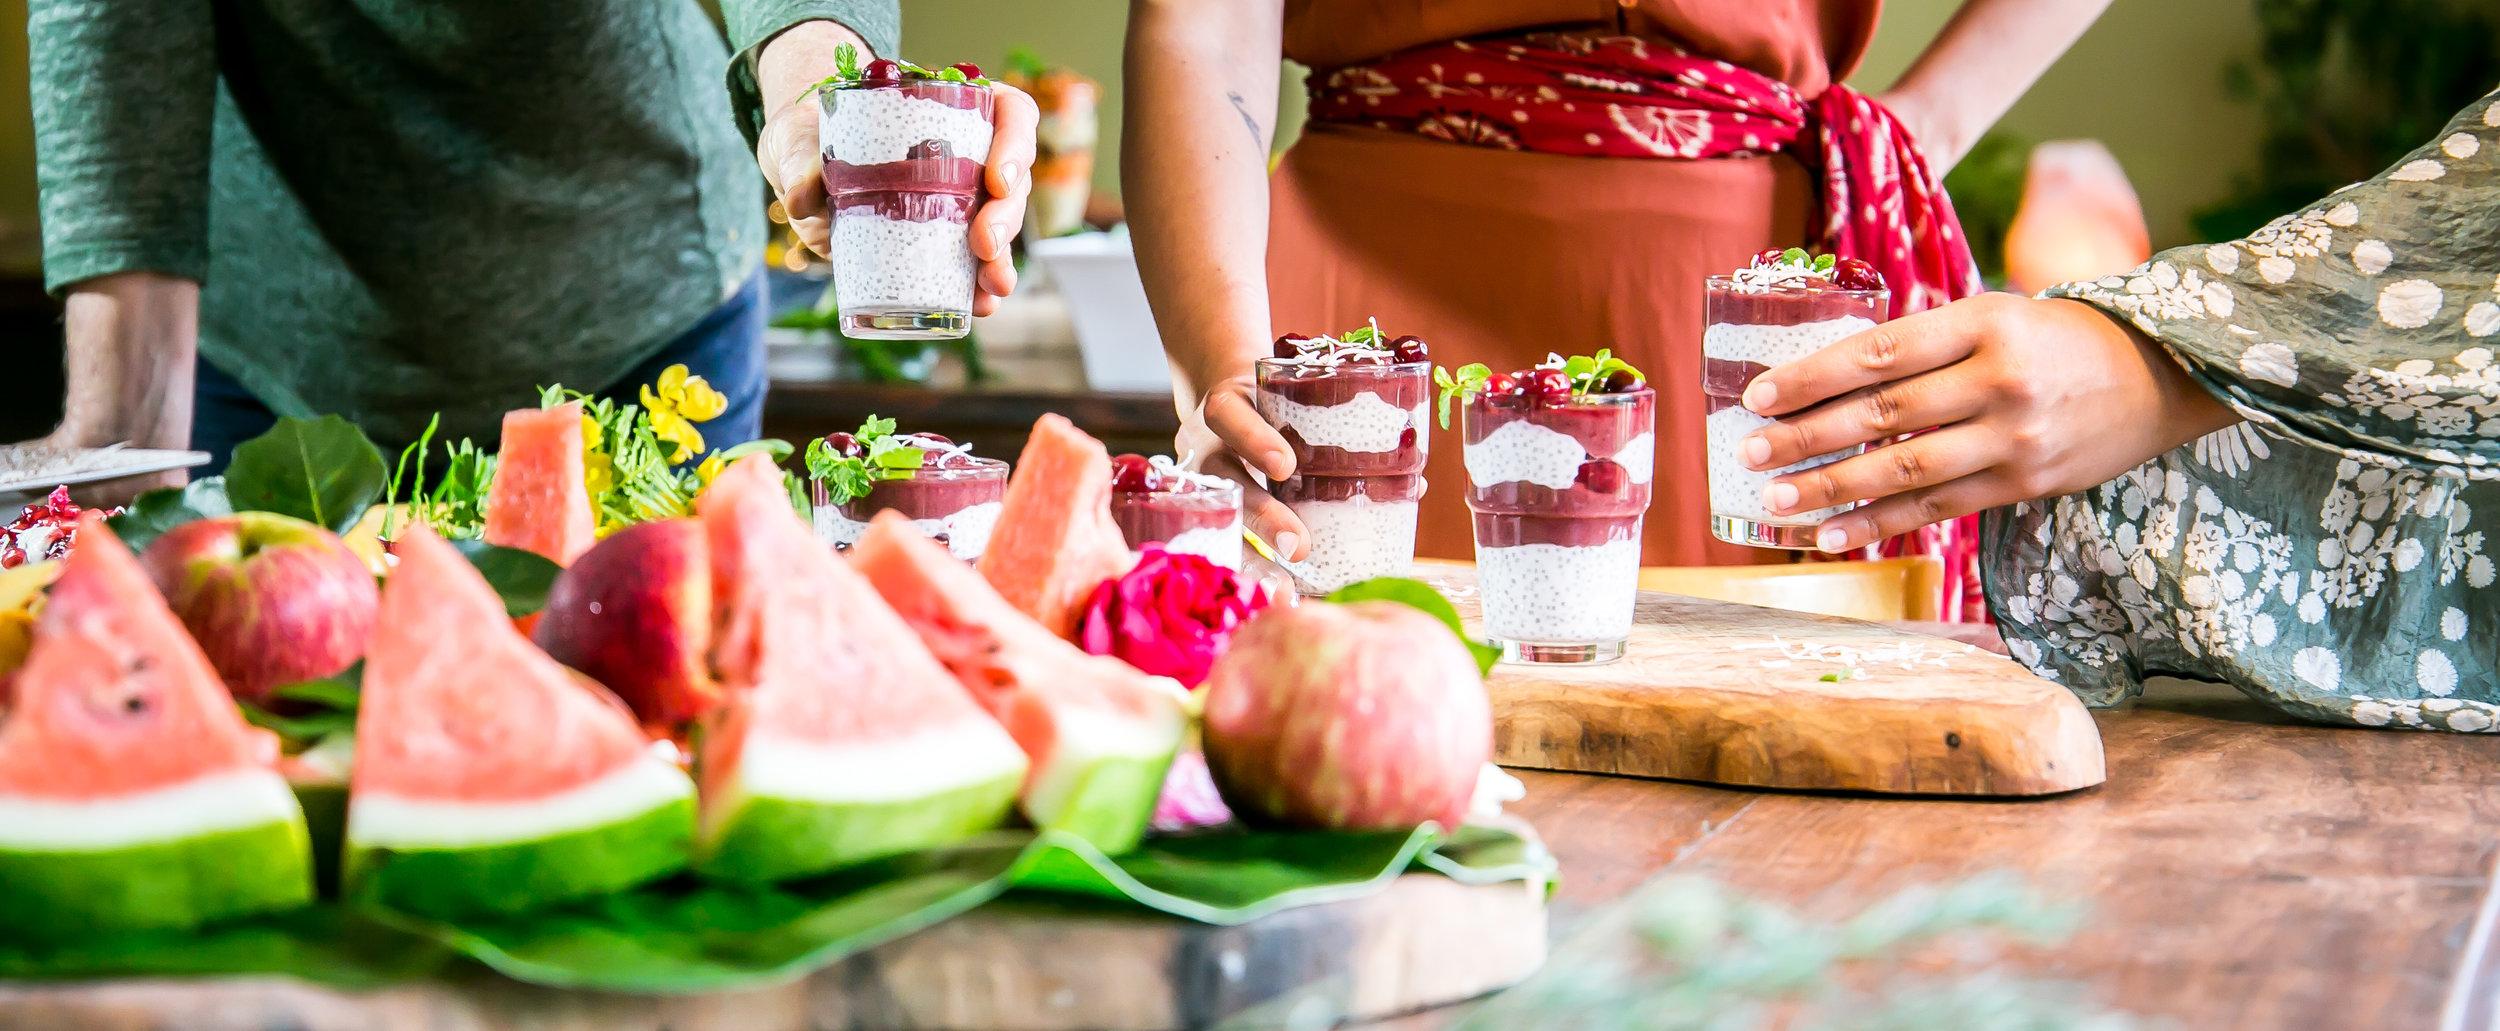 Food H&S 3.jpg